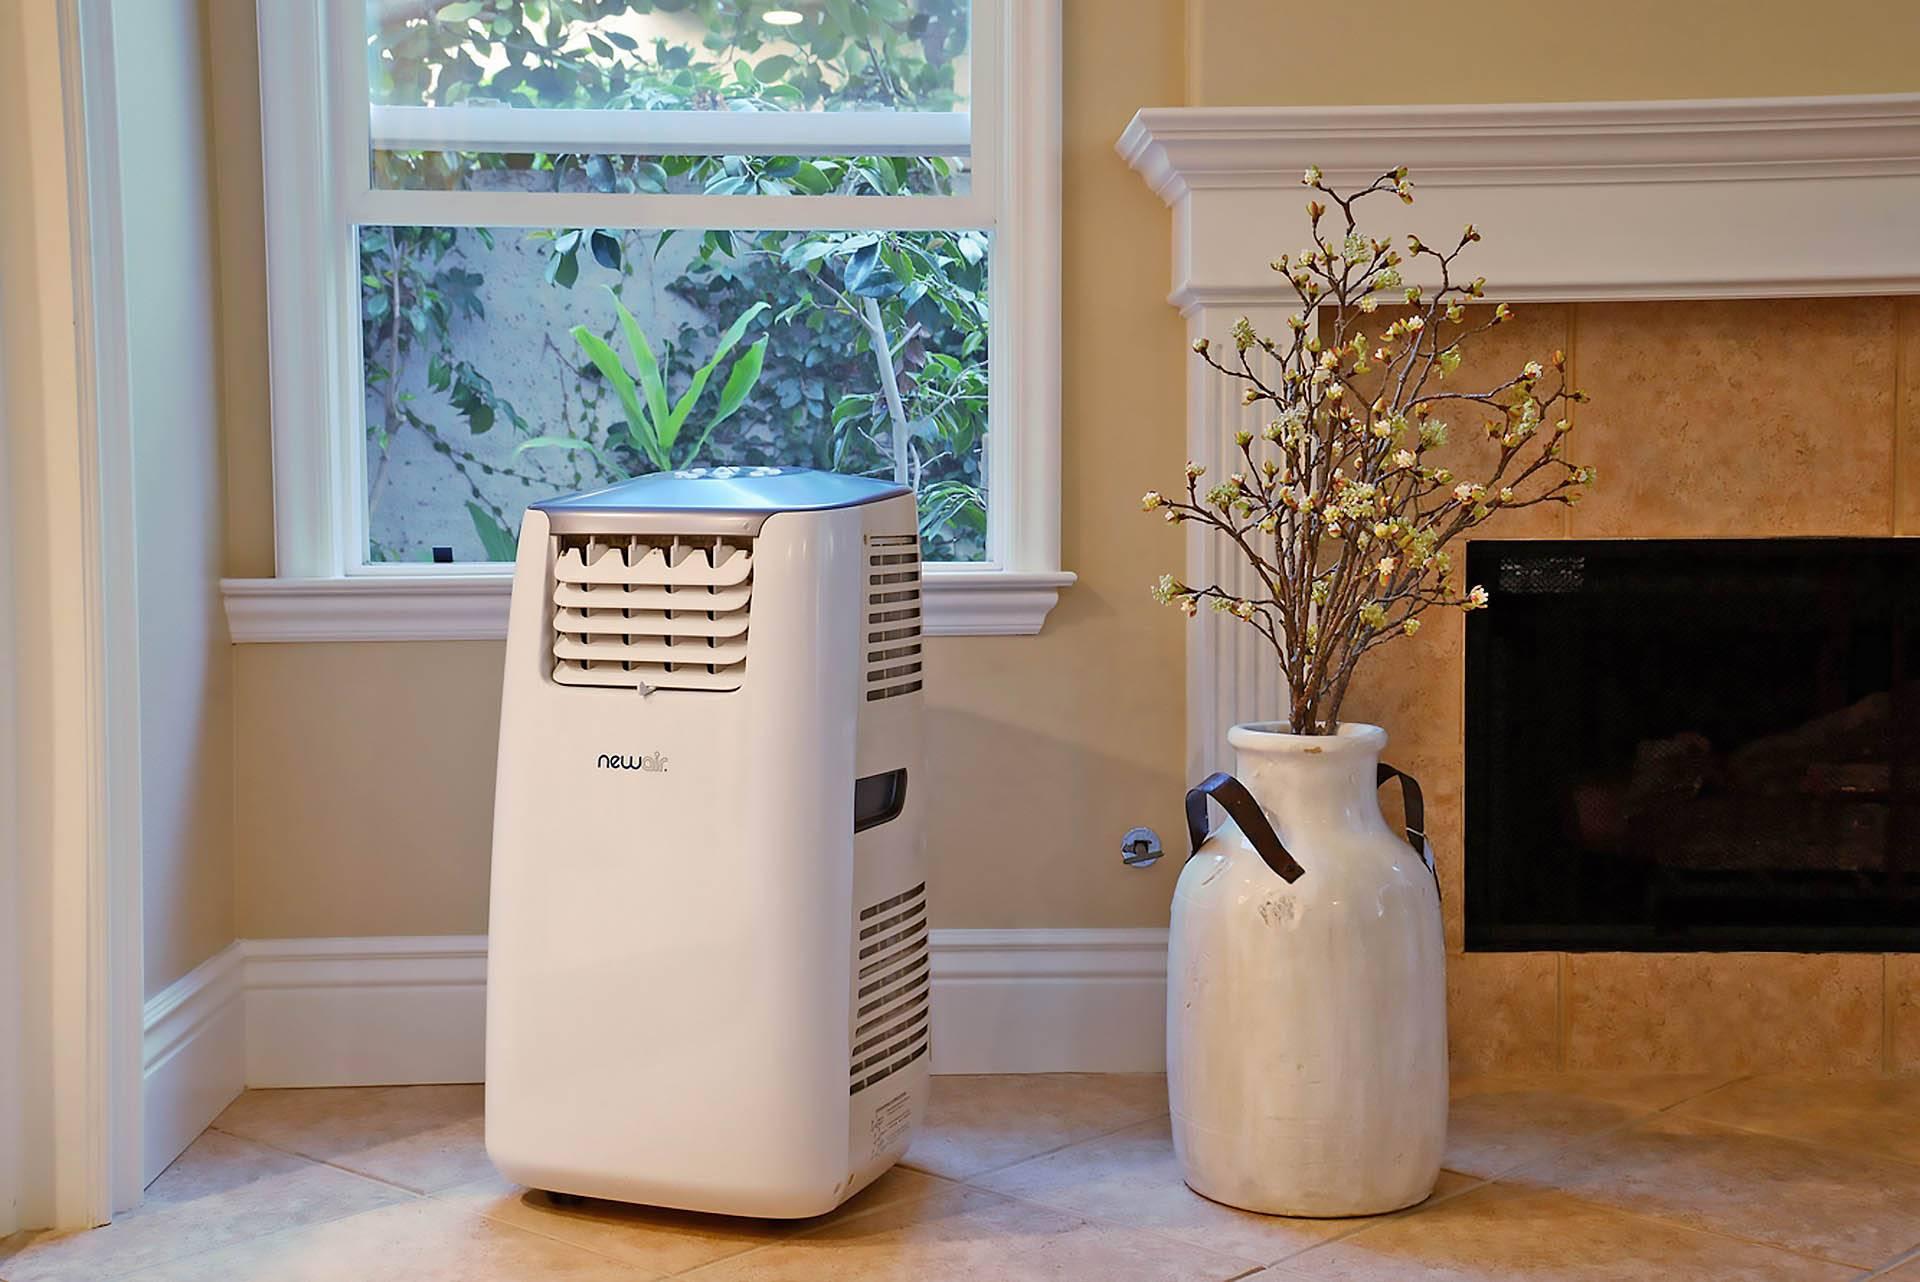 Напольный кондиционер для дома: с воздуховодом и без него, как выбрать лучший мобильный аппарат, рейтинг популярности и обзор моделей, их плюсы и минусы